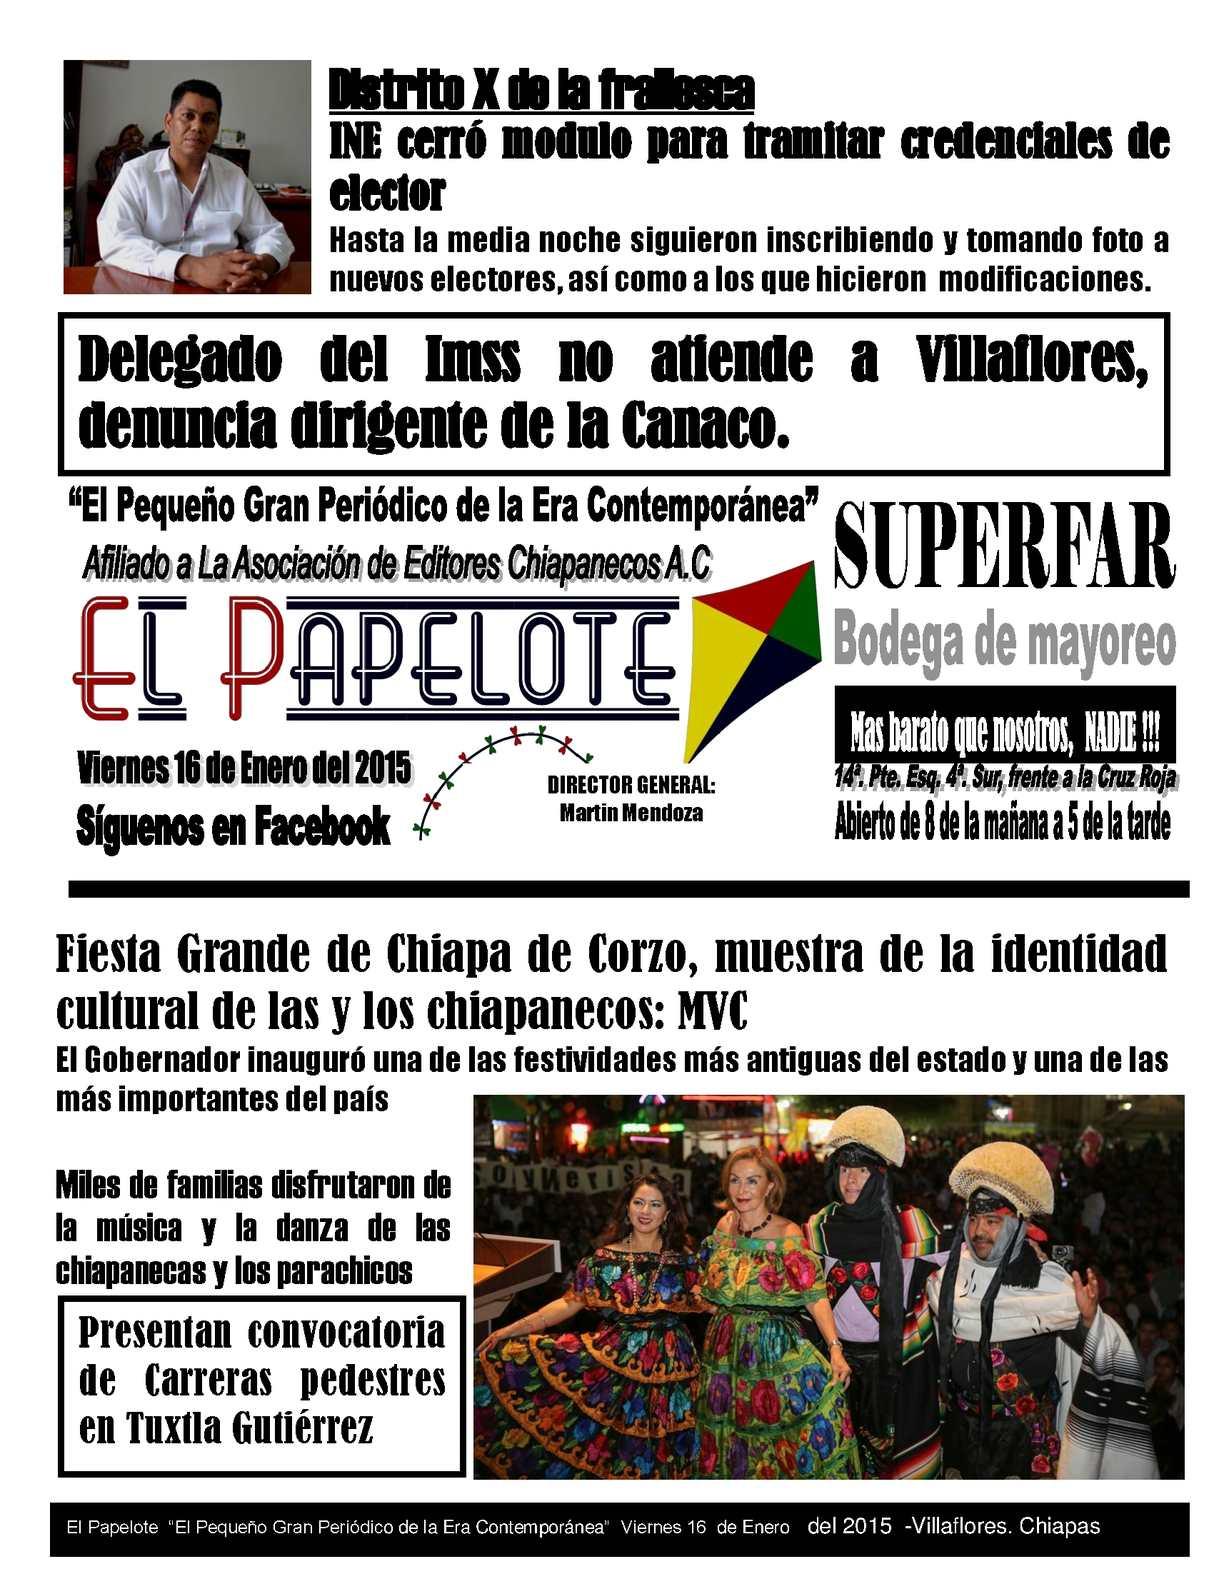 Calaméo 16 De Enero Del Papelote Viernes Del 2015